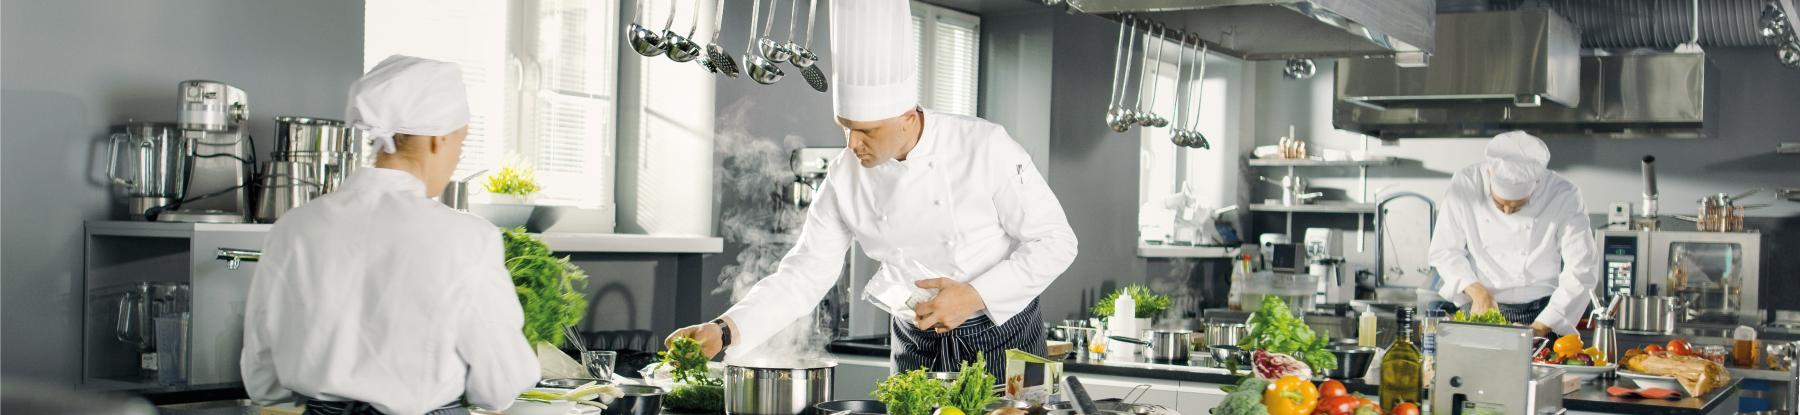 master cucina 5 stelle